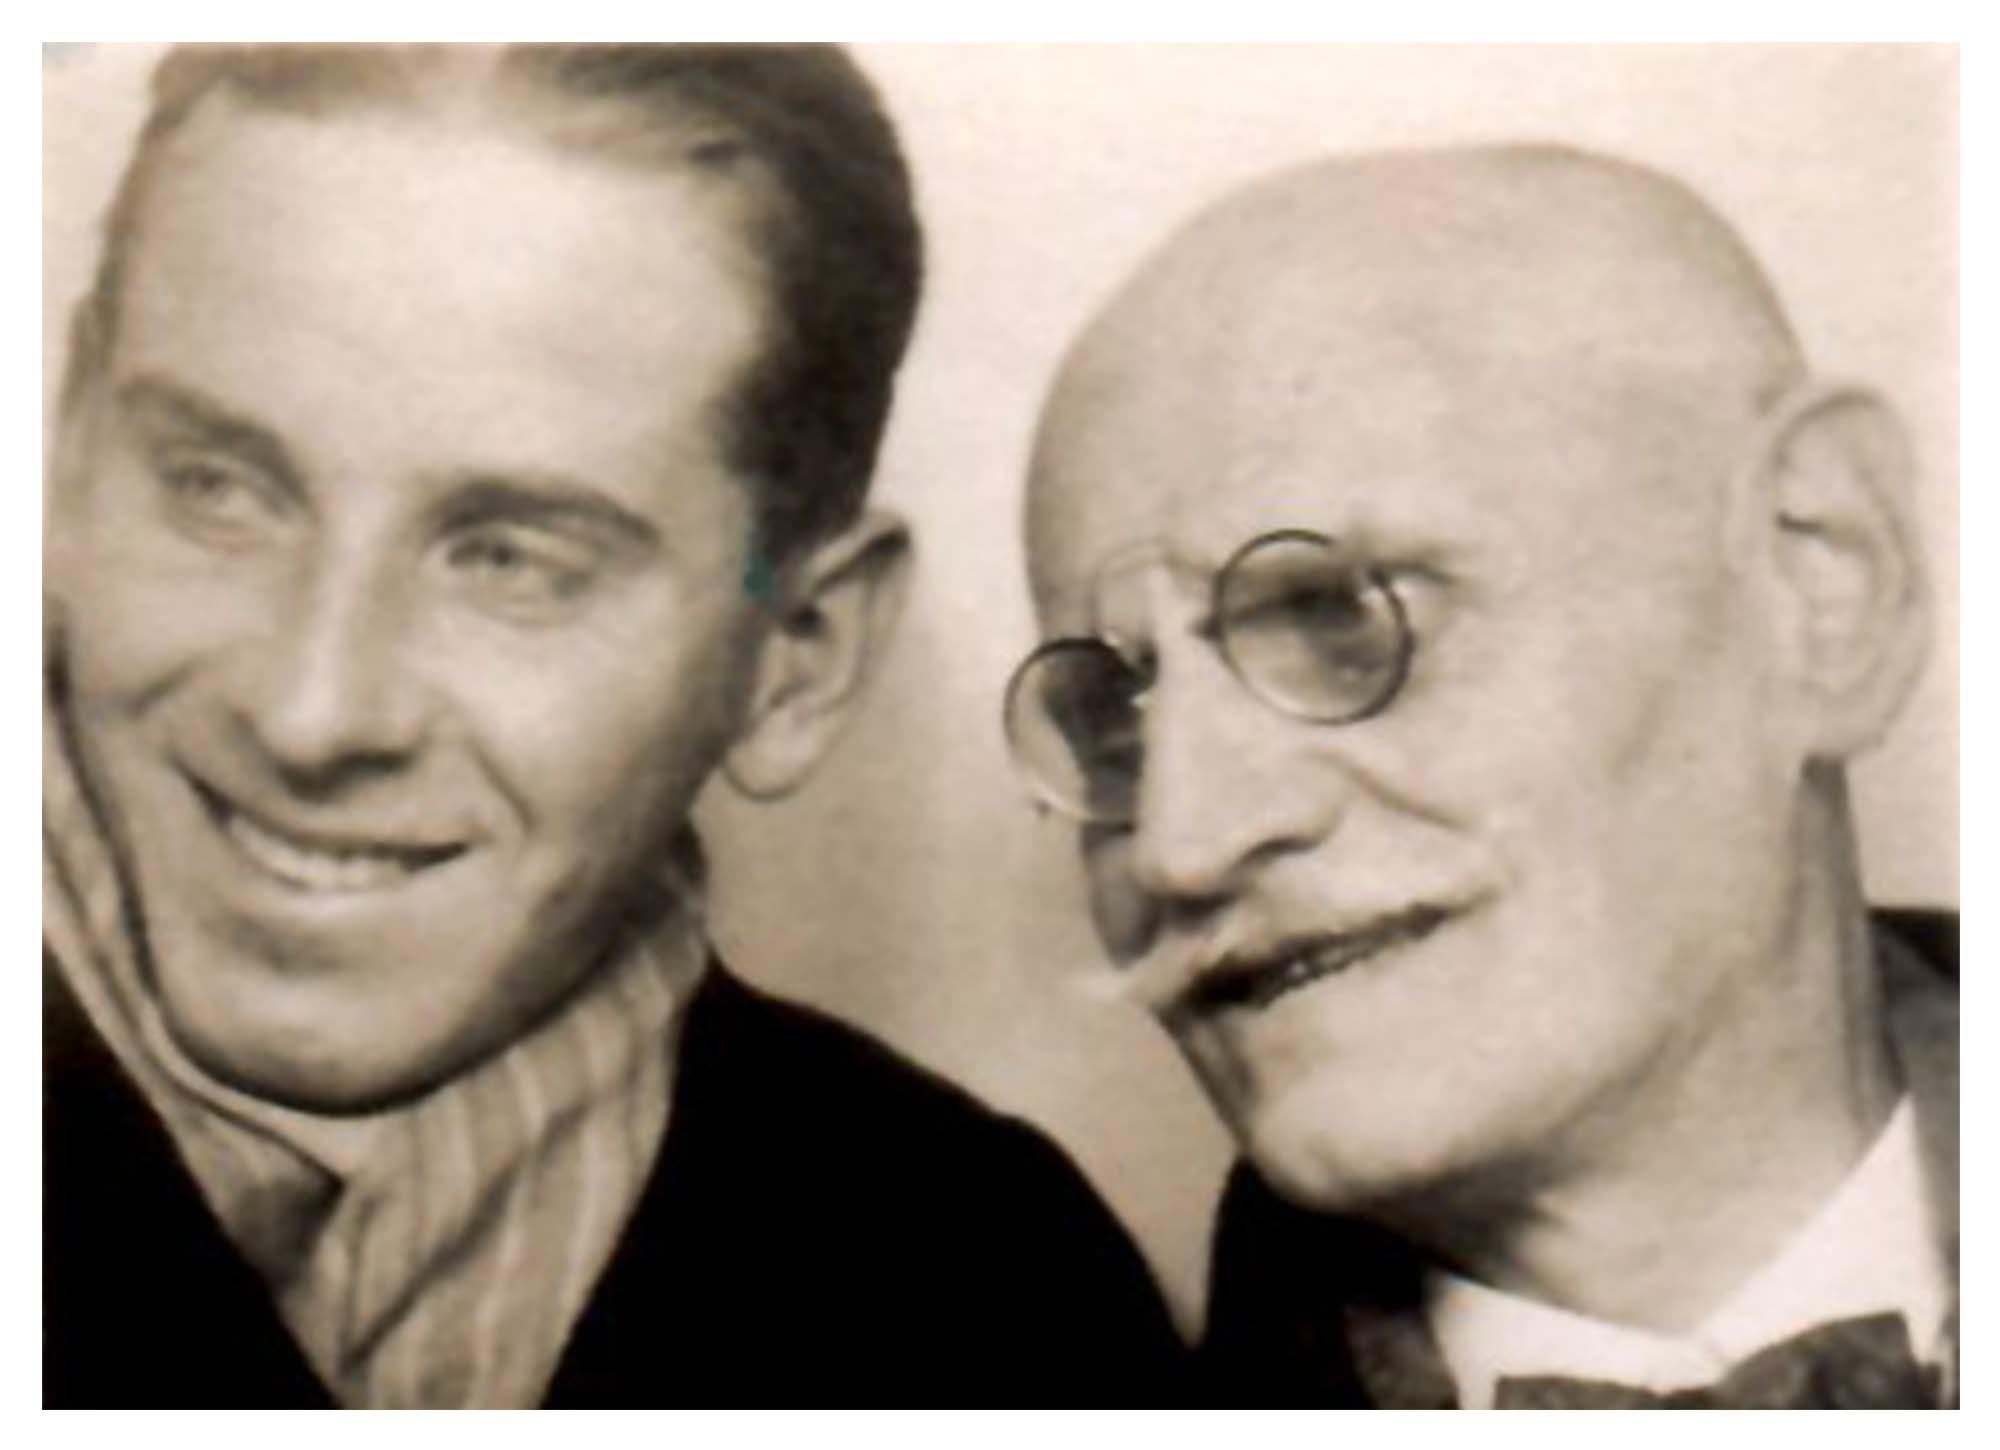 2.Przodkowie: Teodor Rawicz-Lipiński (dziadek) i Eryk Lipiński (ojciec)